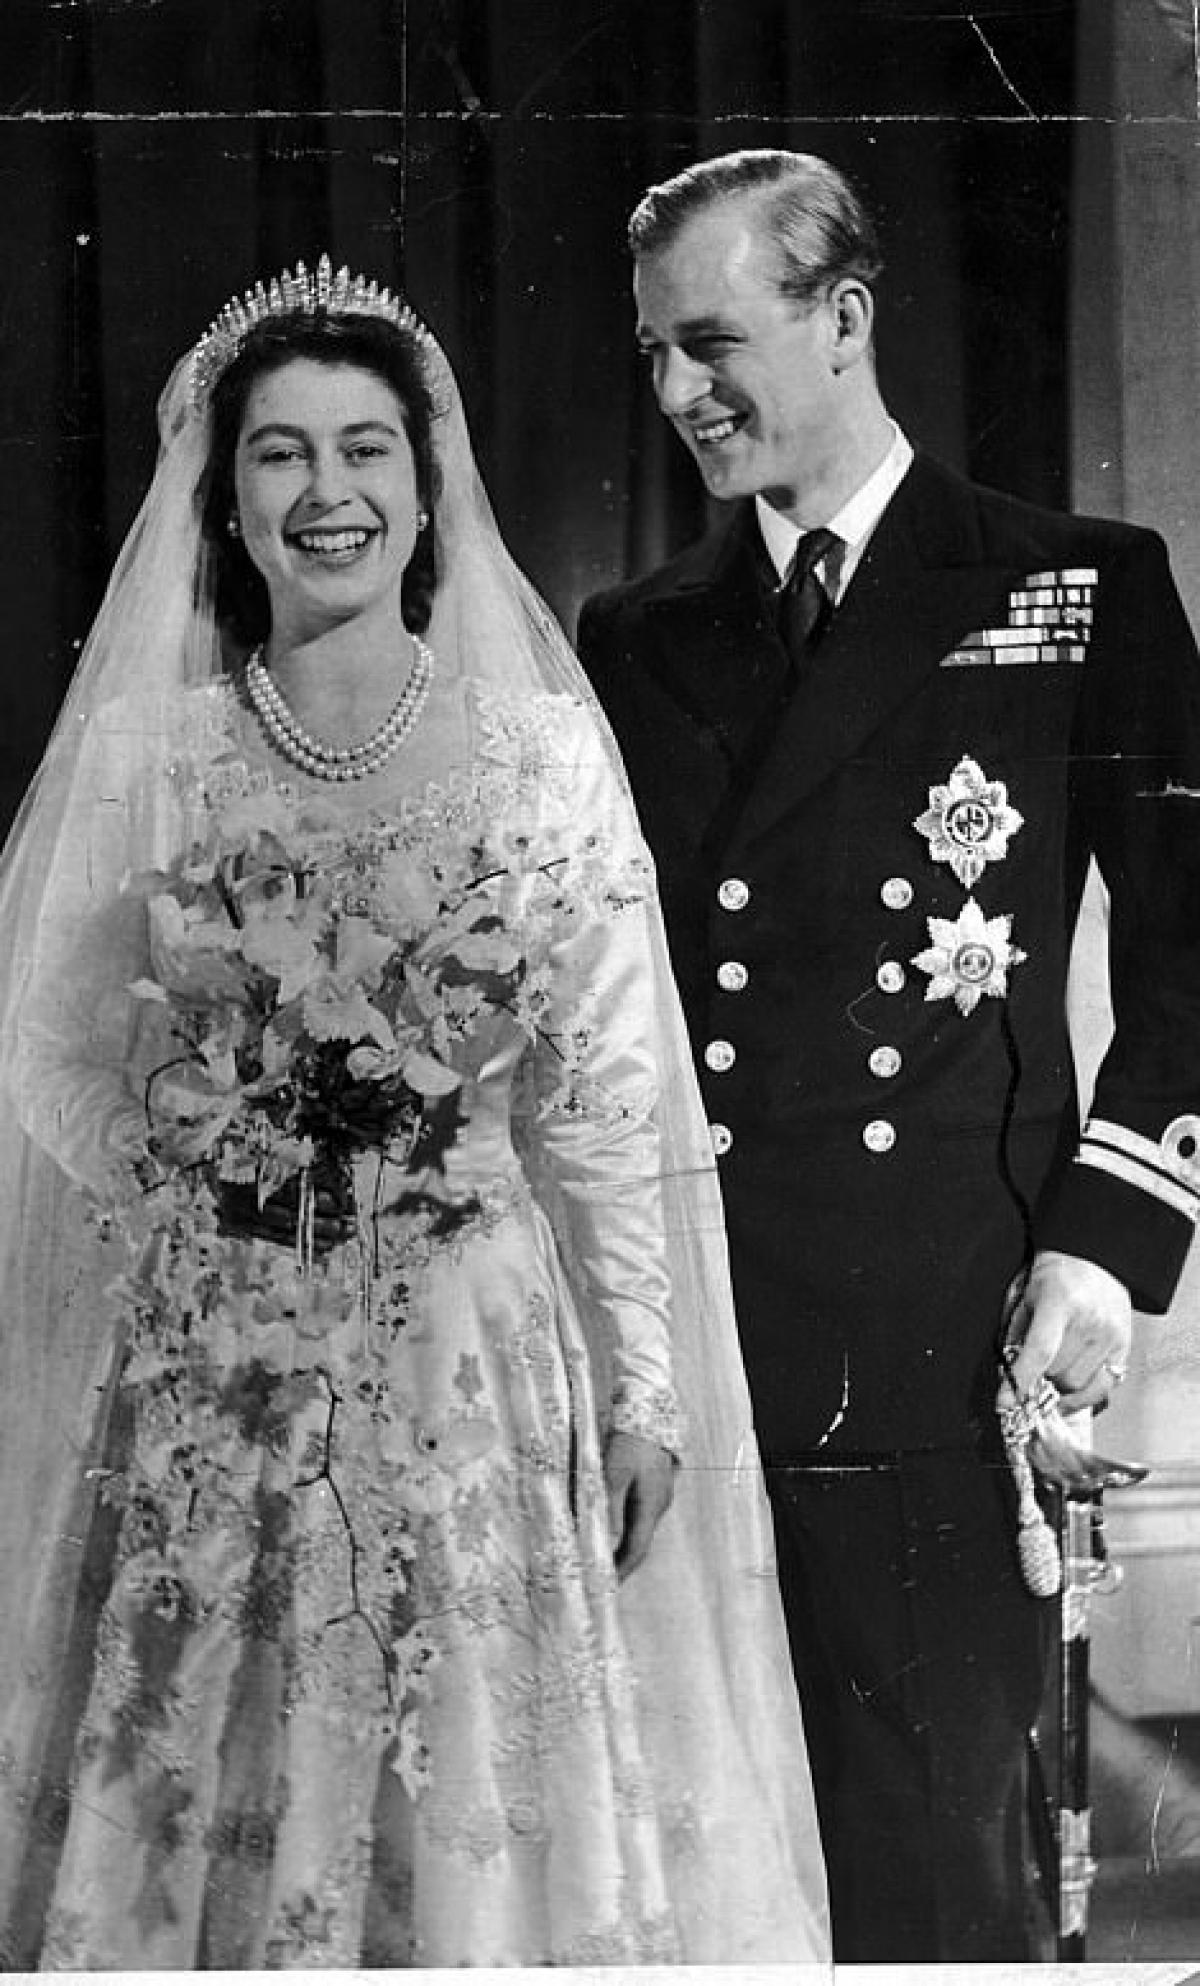 Philip và Elizabeth thời trẻ, trong đám cưới của hai người năm 1947.